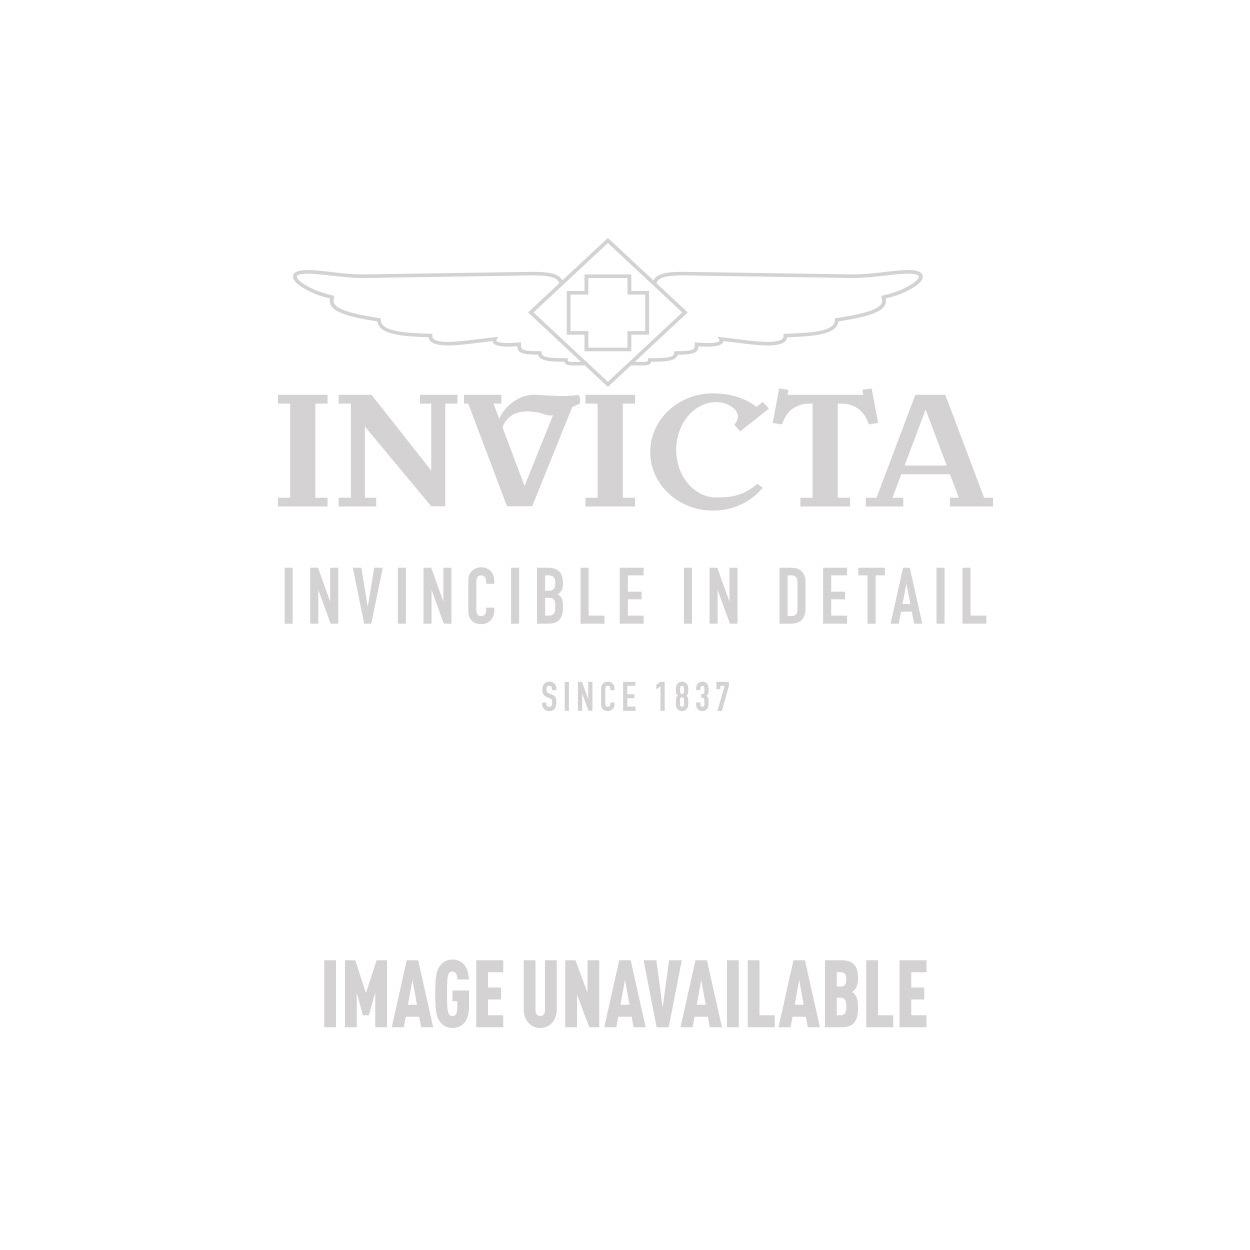 Invicta Model 26782